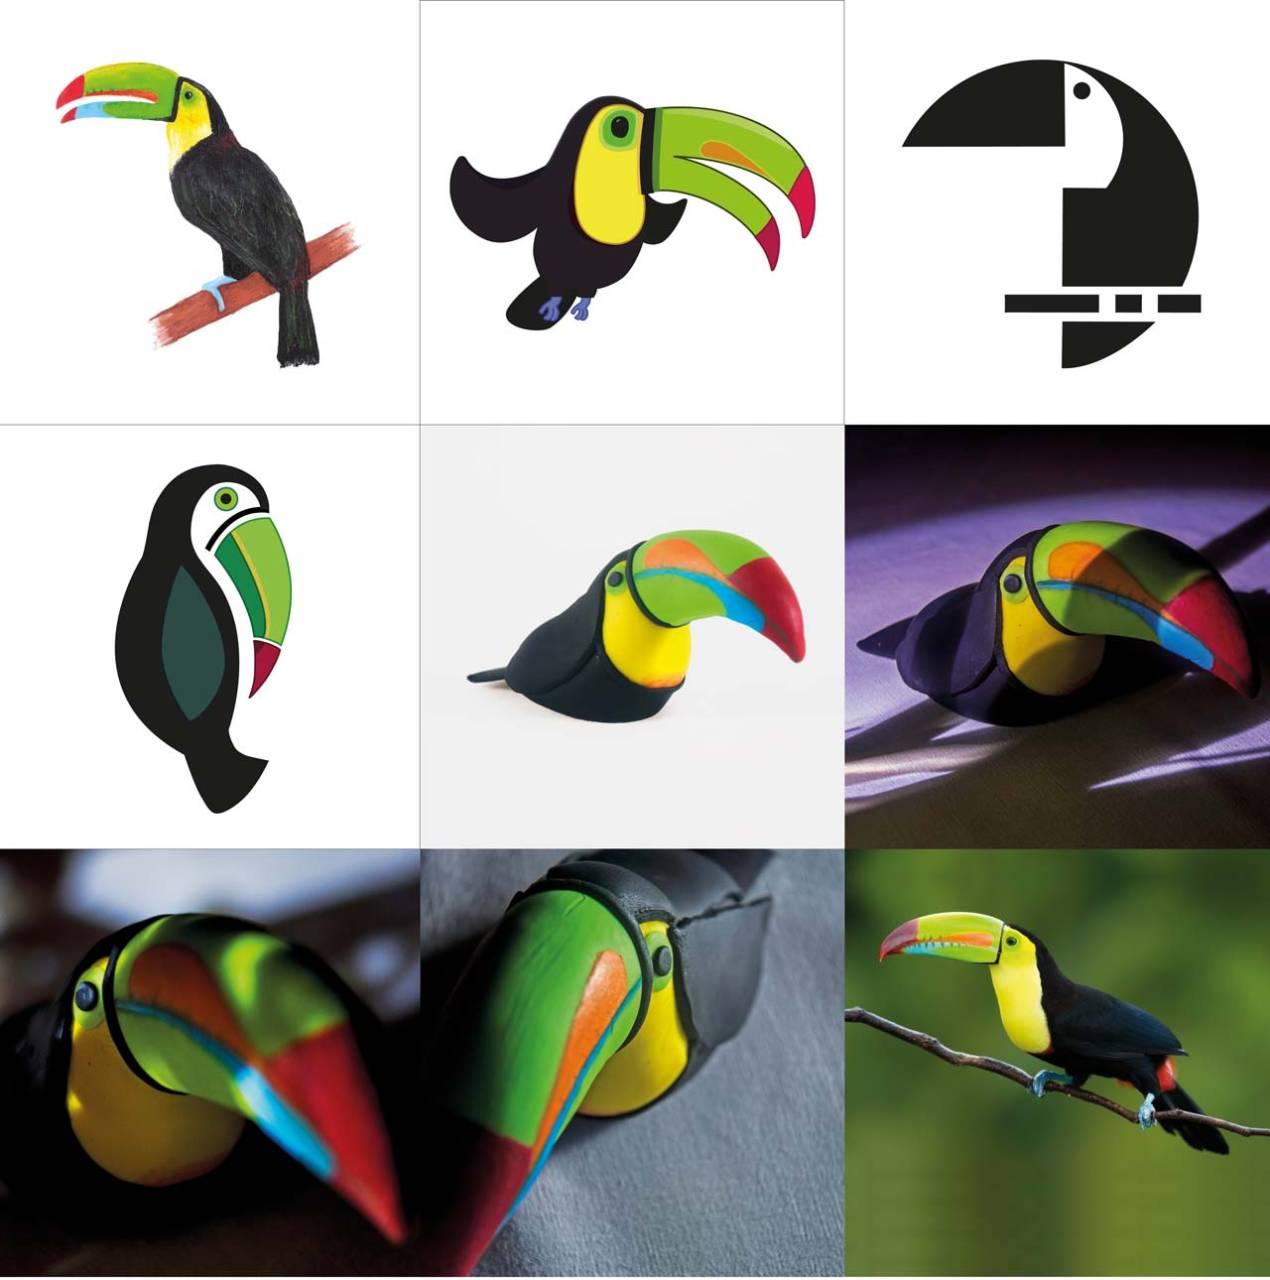 Diseño 1, representación gráfica